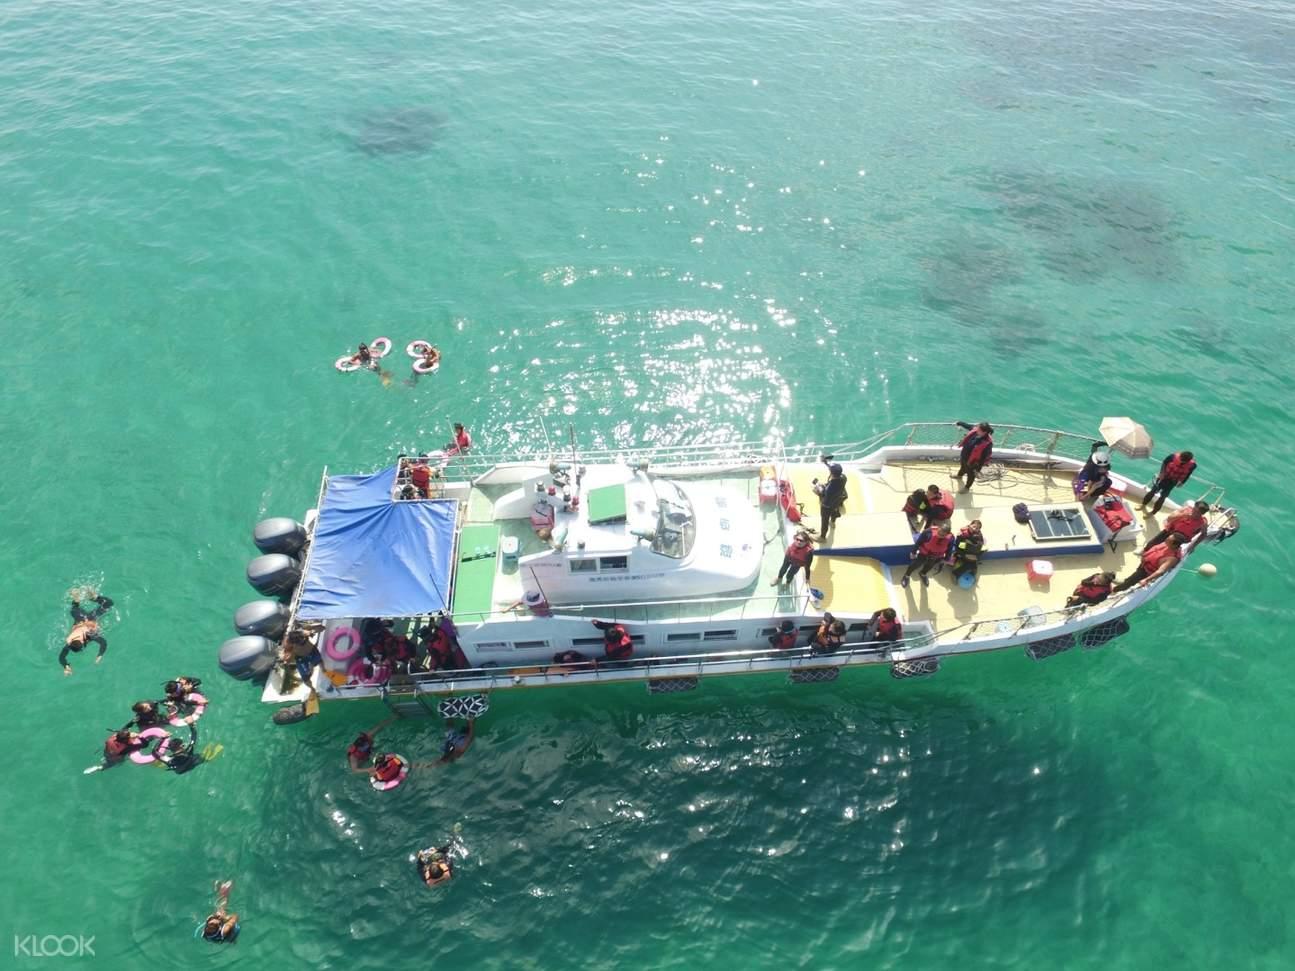 澎湖|珊瑚礁天堂|忘憂島浮潛・水上活動一日遊